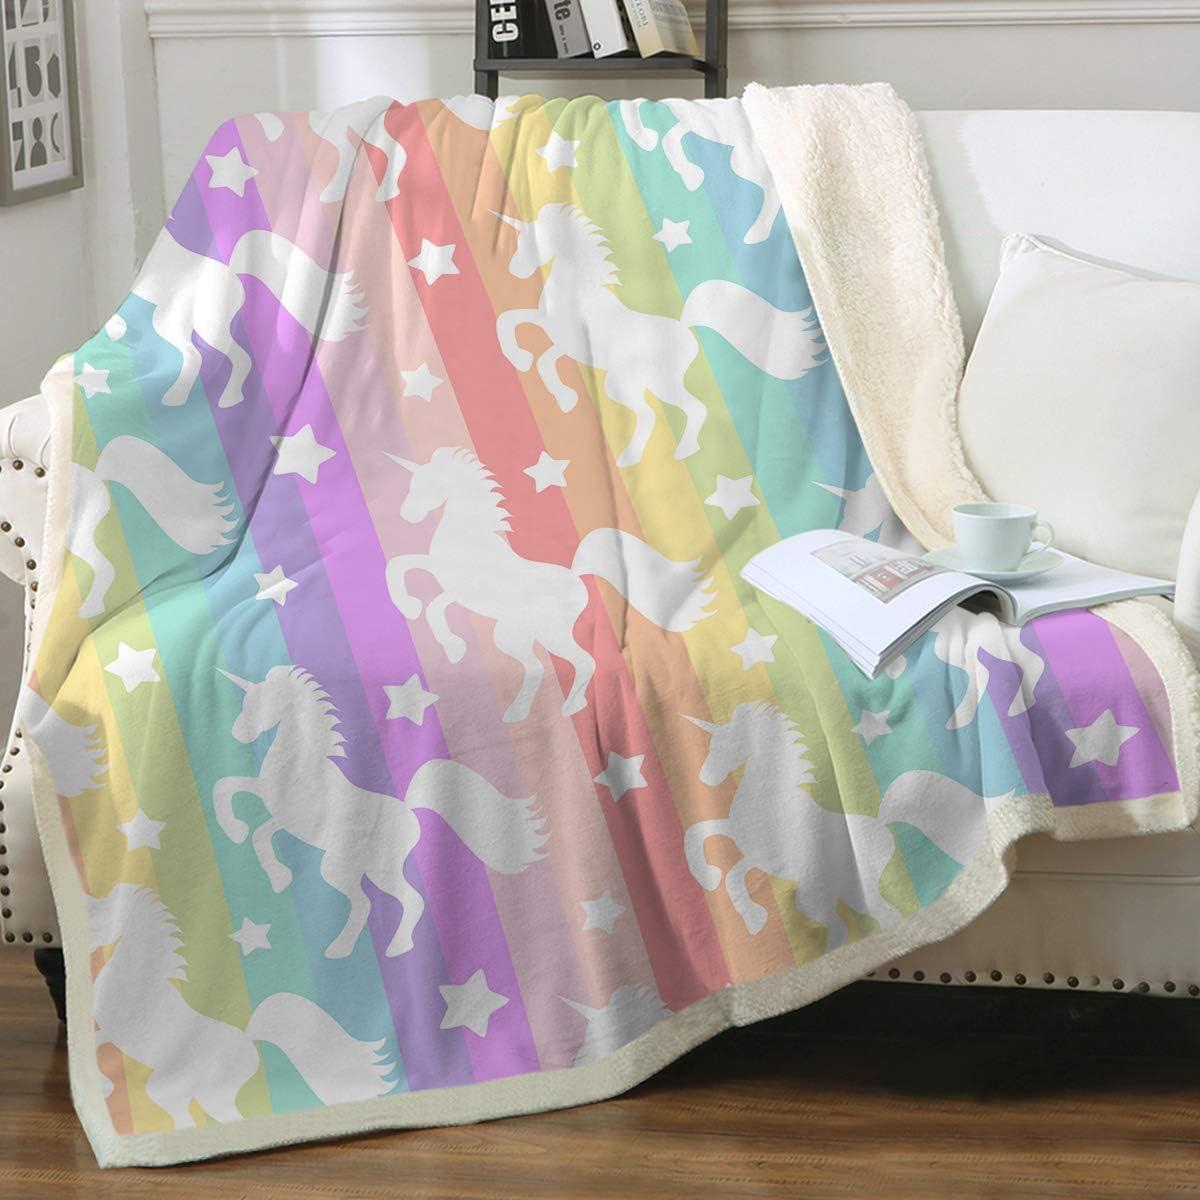 rainbow-cosy-plush-fleece-blanket